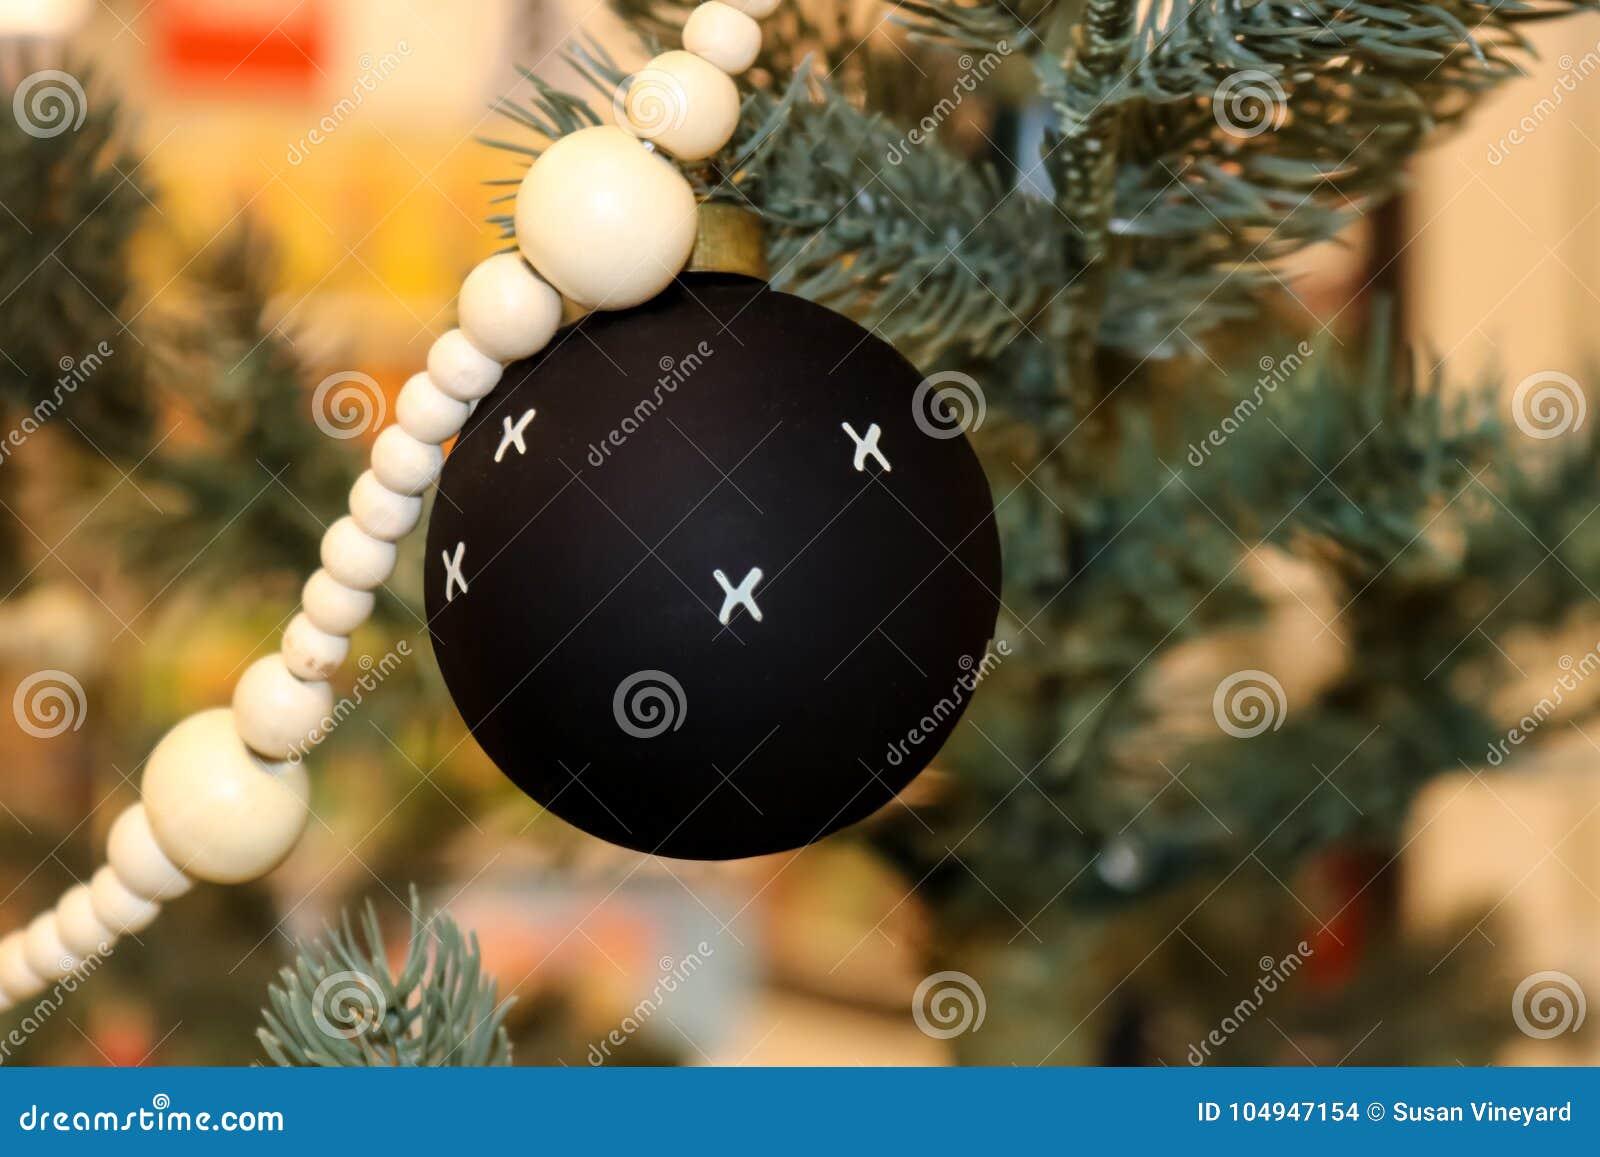 Bola negra de la Navidad con Xs blanco con otros ornamentos